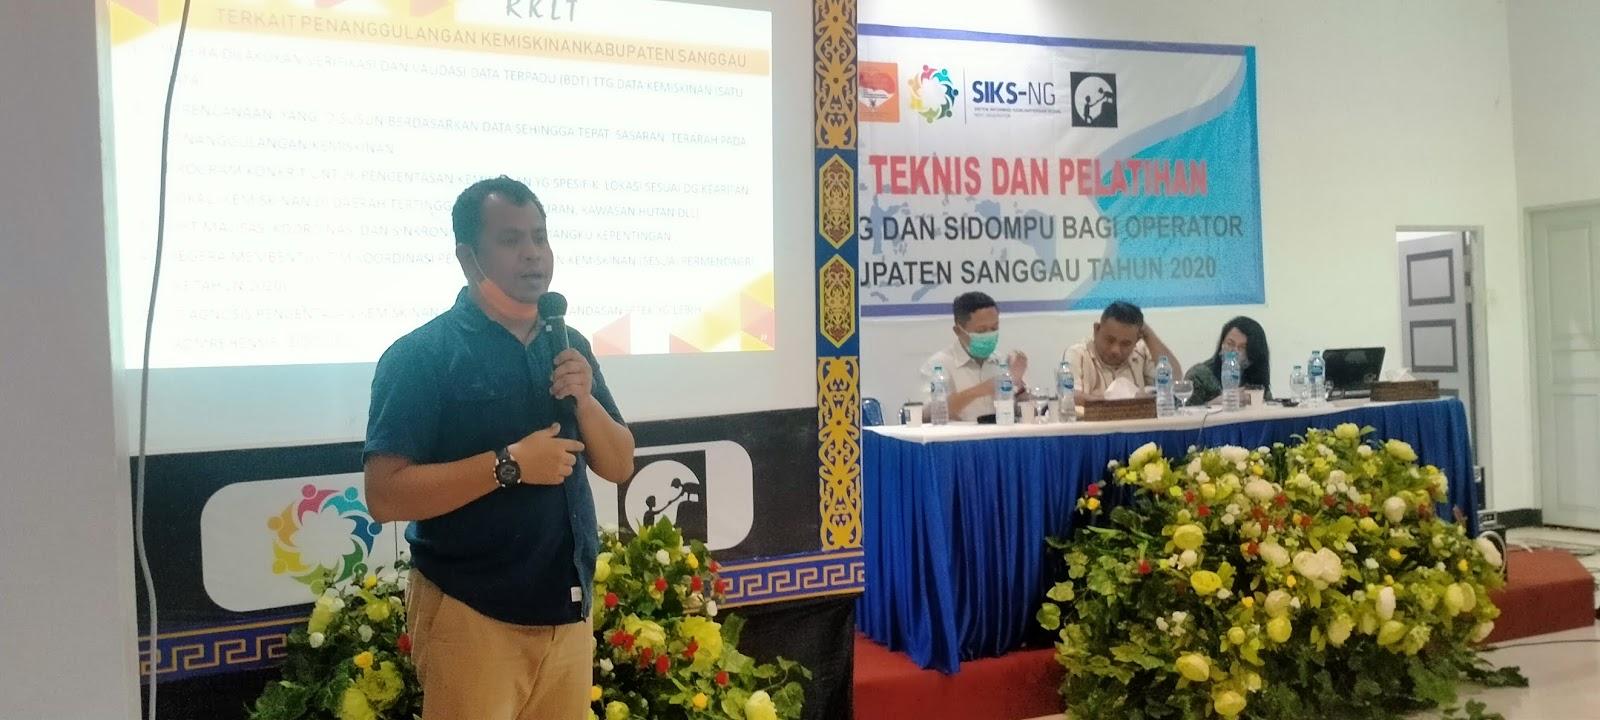 Dinsos P3AKB Lakukan Bimtek SIKS-NG dan SIDOMPU Kepada Operator Desa Di Seluruh Kabupaten Sanggau